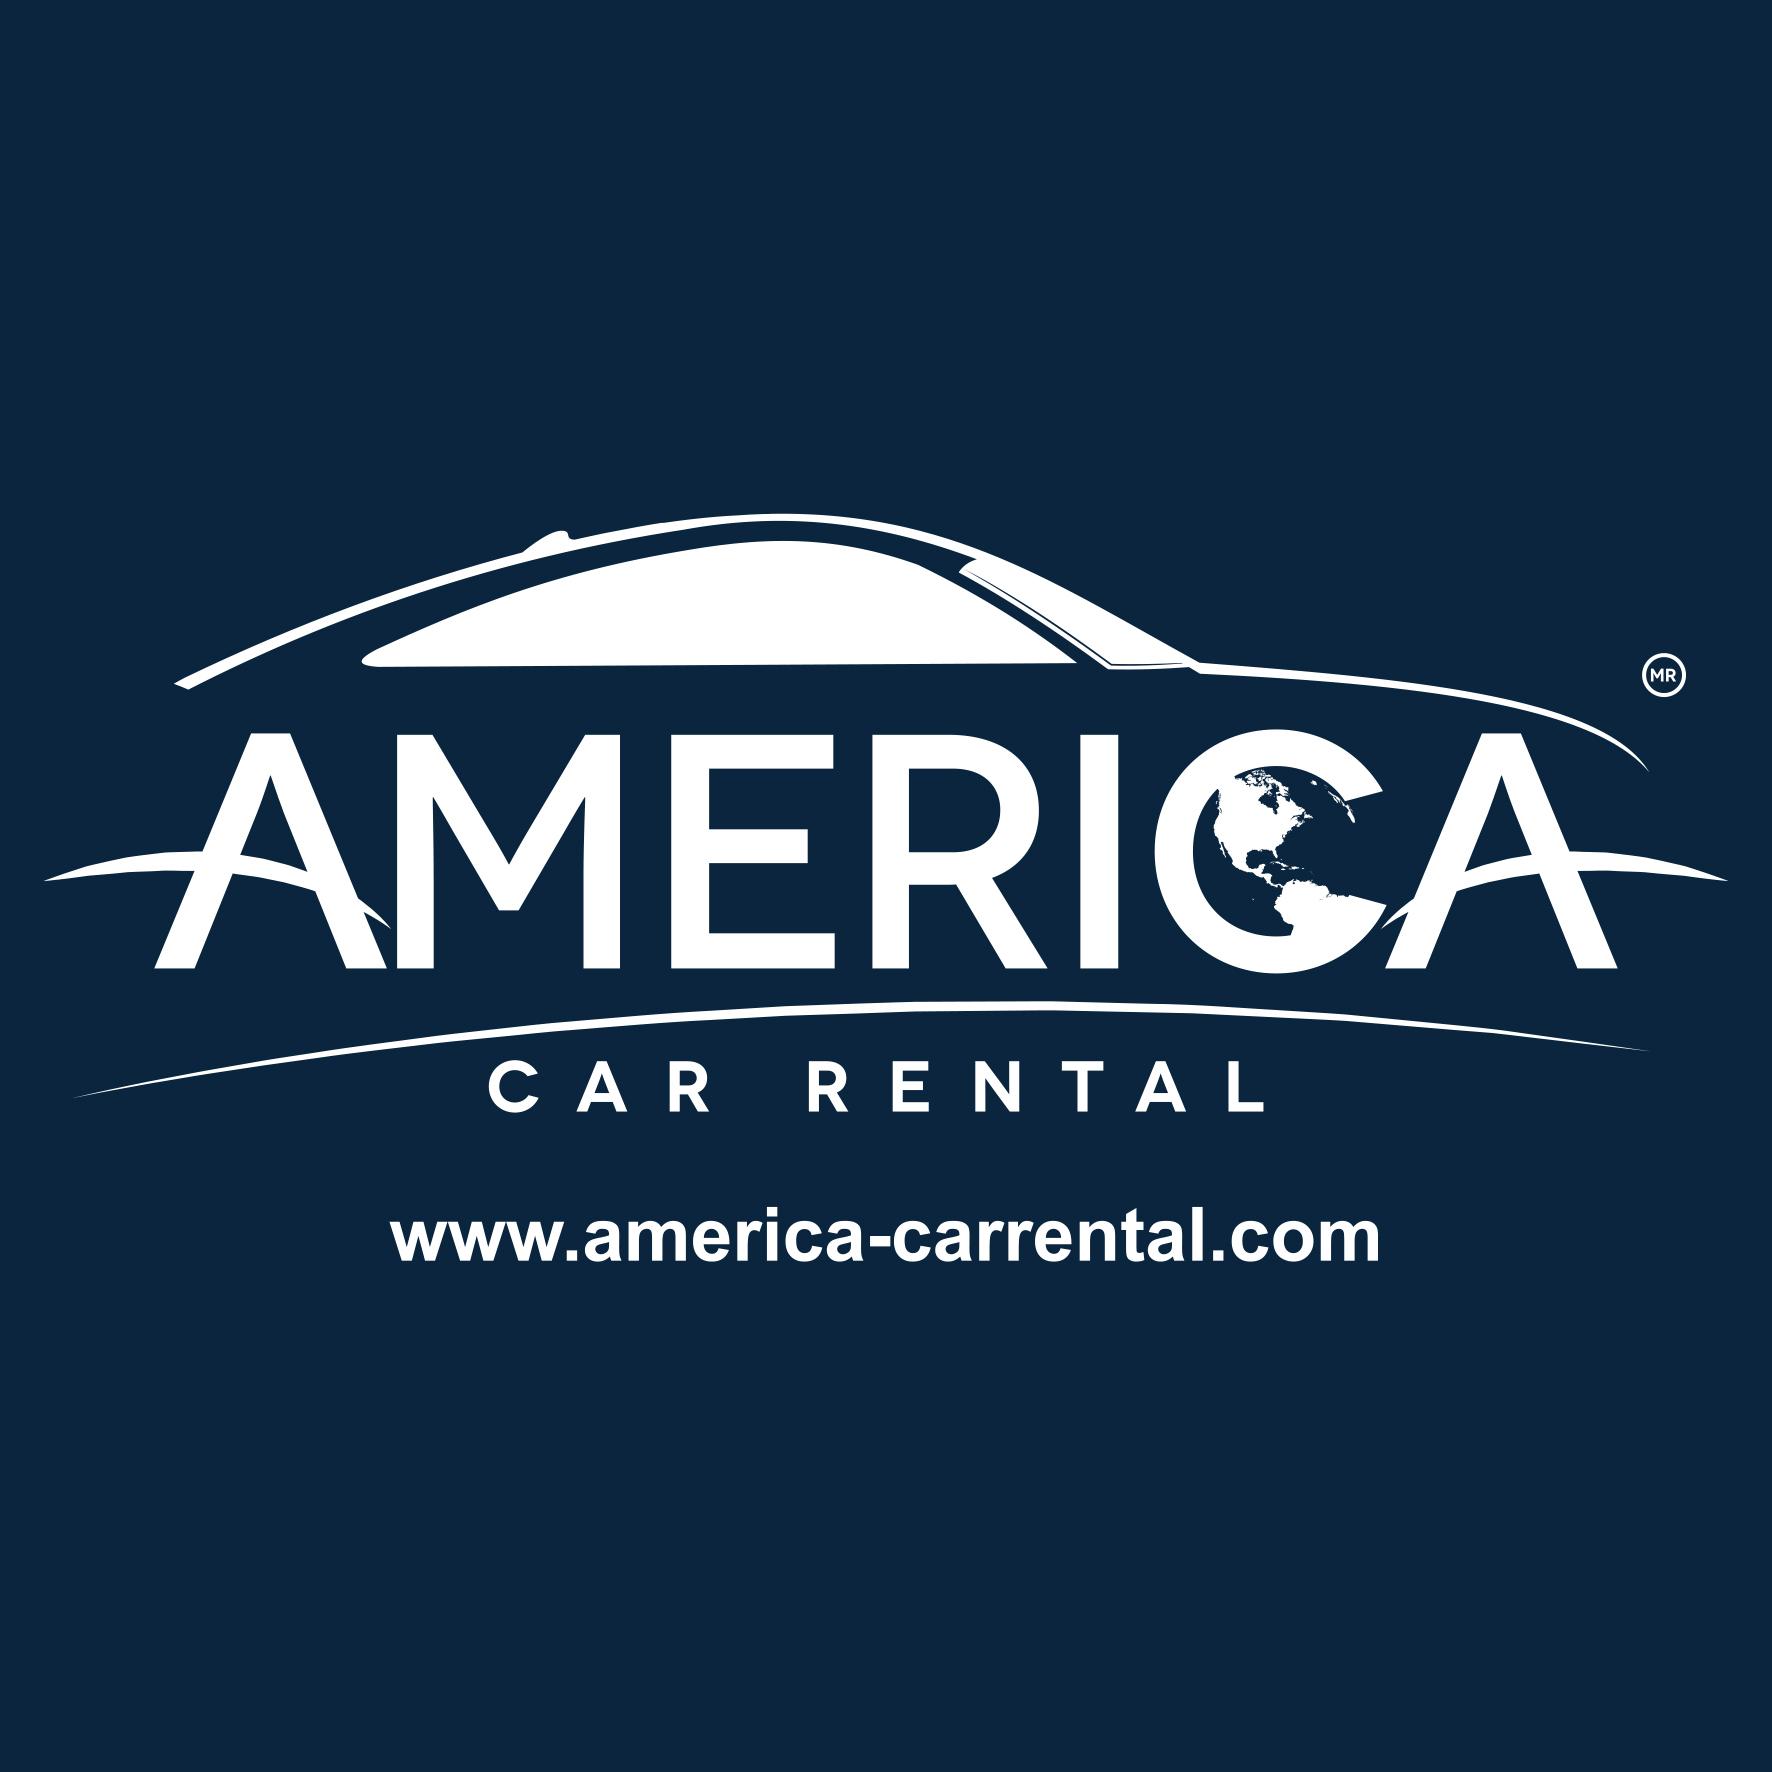 America car rental осуществляет бронирование машин по всему миру. Аренду можно оформить без предоплаты, что важно для многих клиентов. Услуга второго водителя предоставляется бесплатно. Цены приемлемые, а качество автомобилей и самого обслуживания довольно высокое.